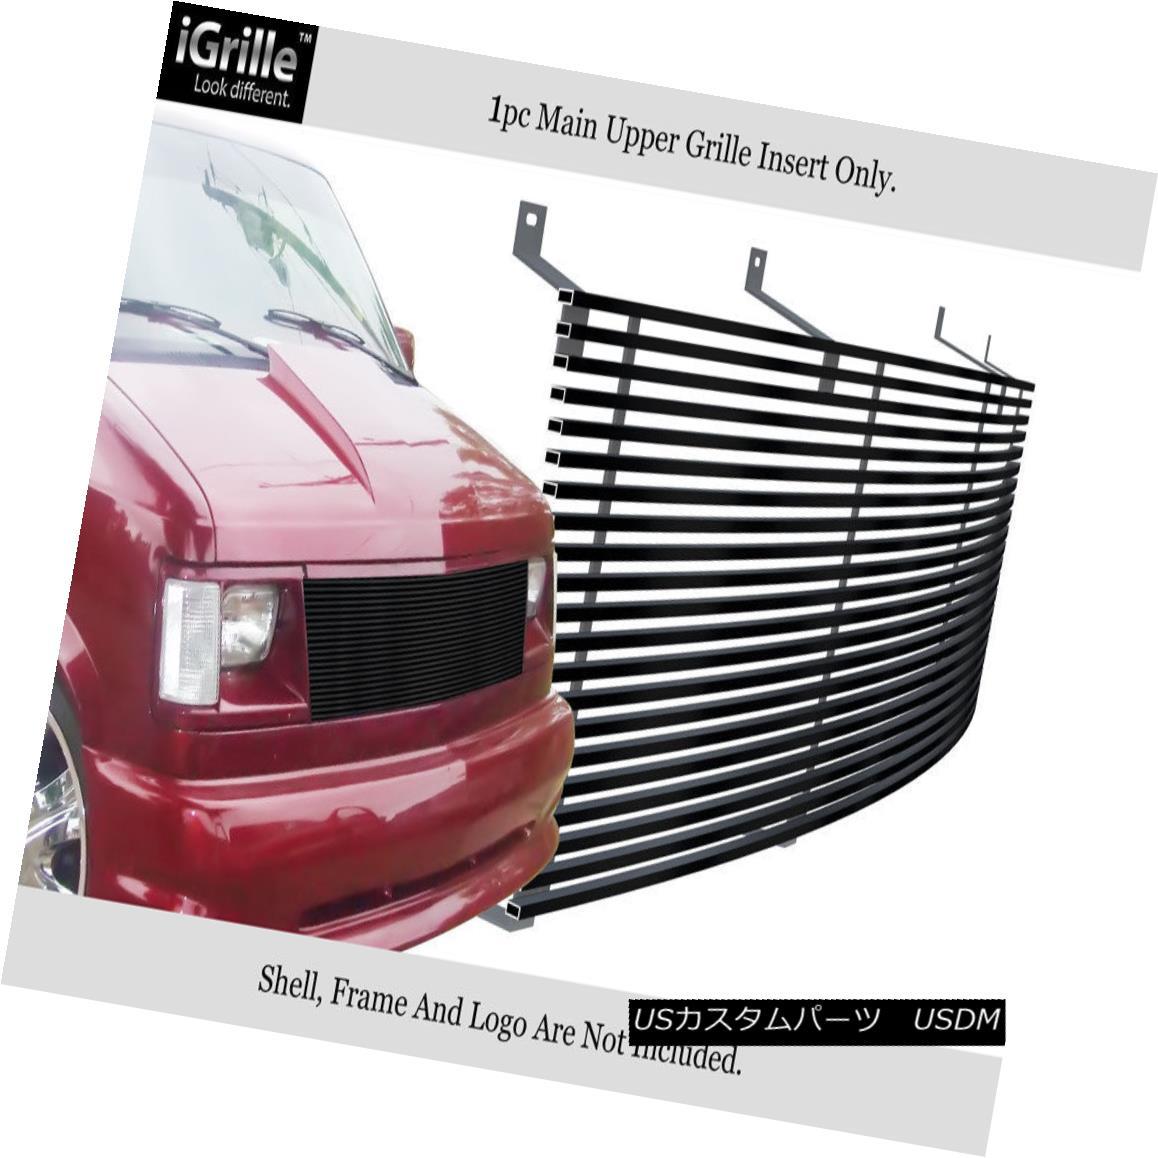 グリル For 85-94 Chevy Astro Van/ GMC Safari Van Black Stainless Steel Billet Grille 85-94チェビー・アストロ・バン/ GMCサファリ・バン・ブラック・ステンレス・スチール・ビレット・グリル